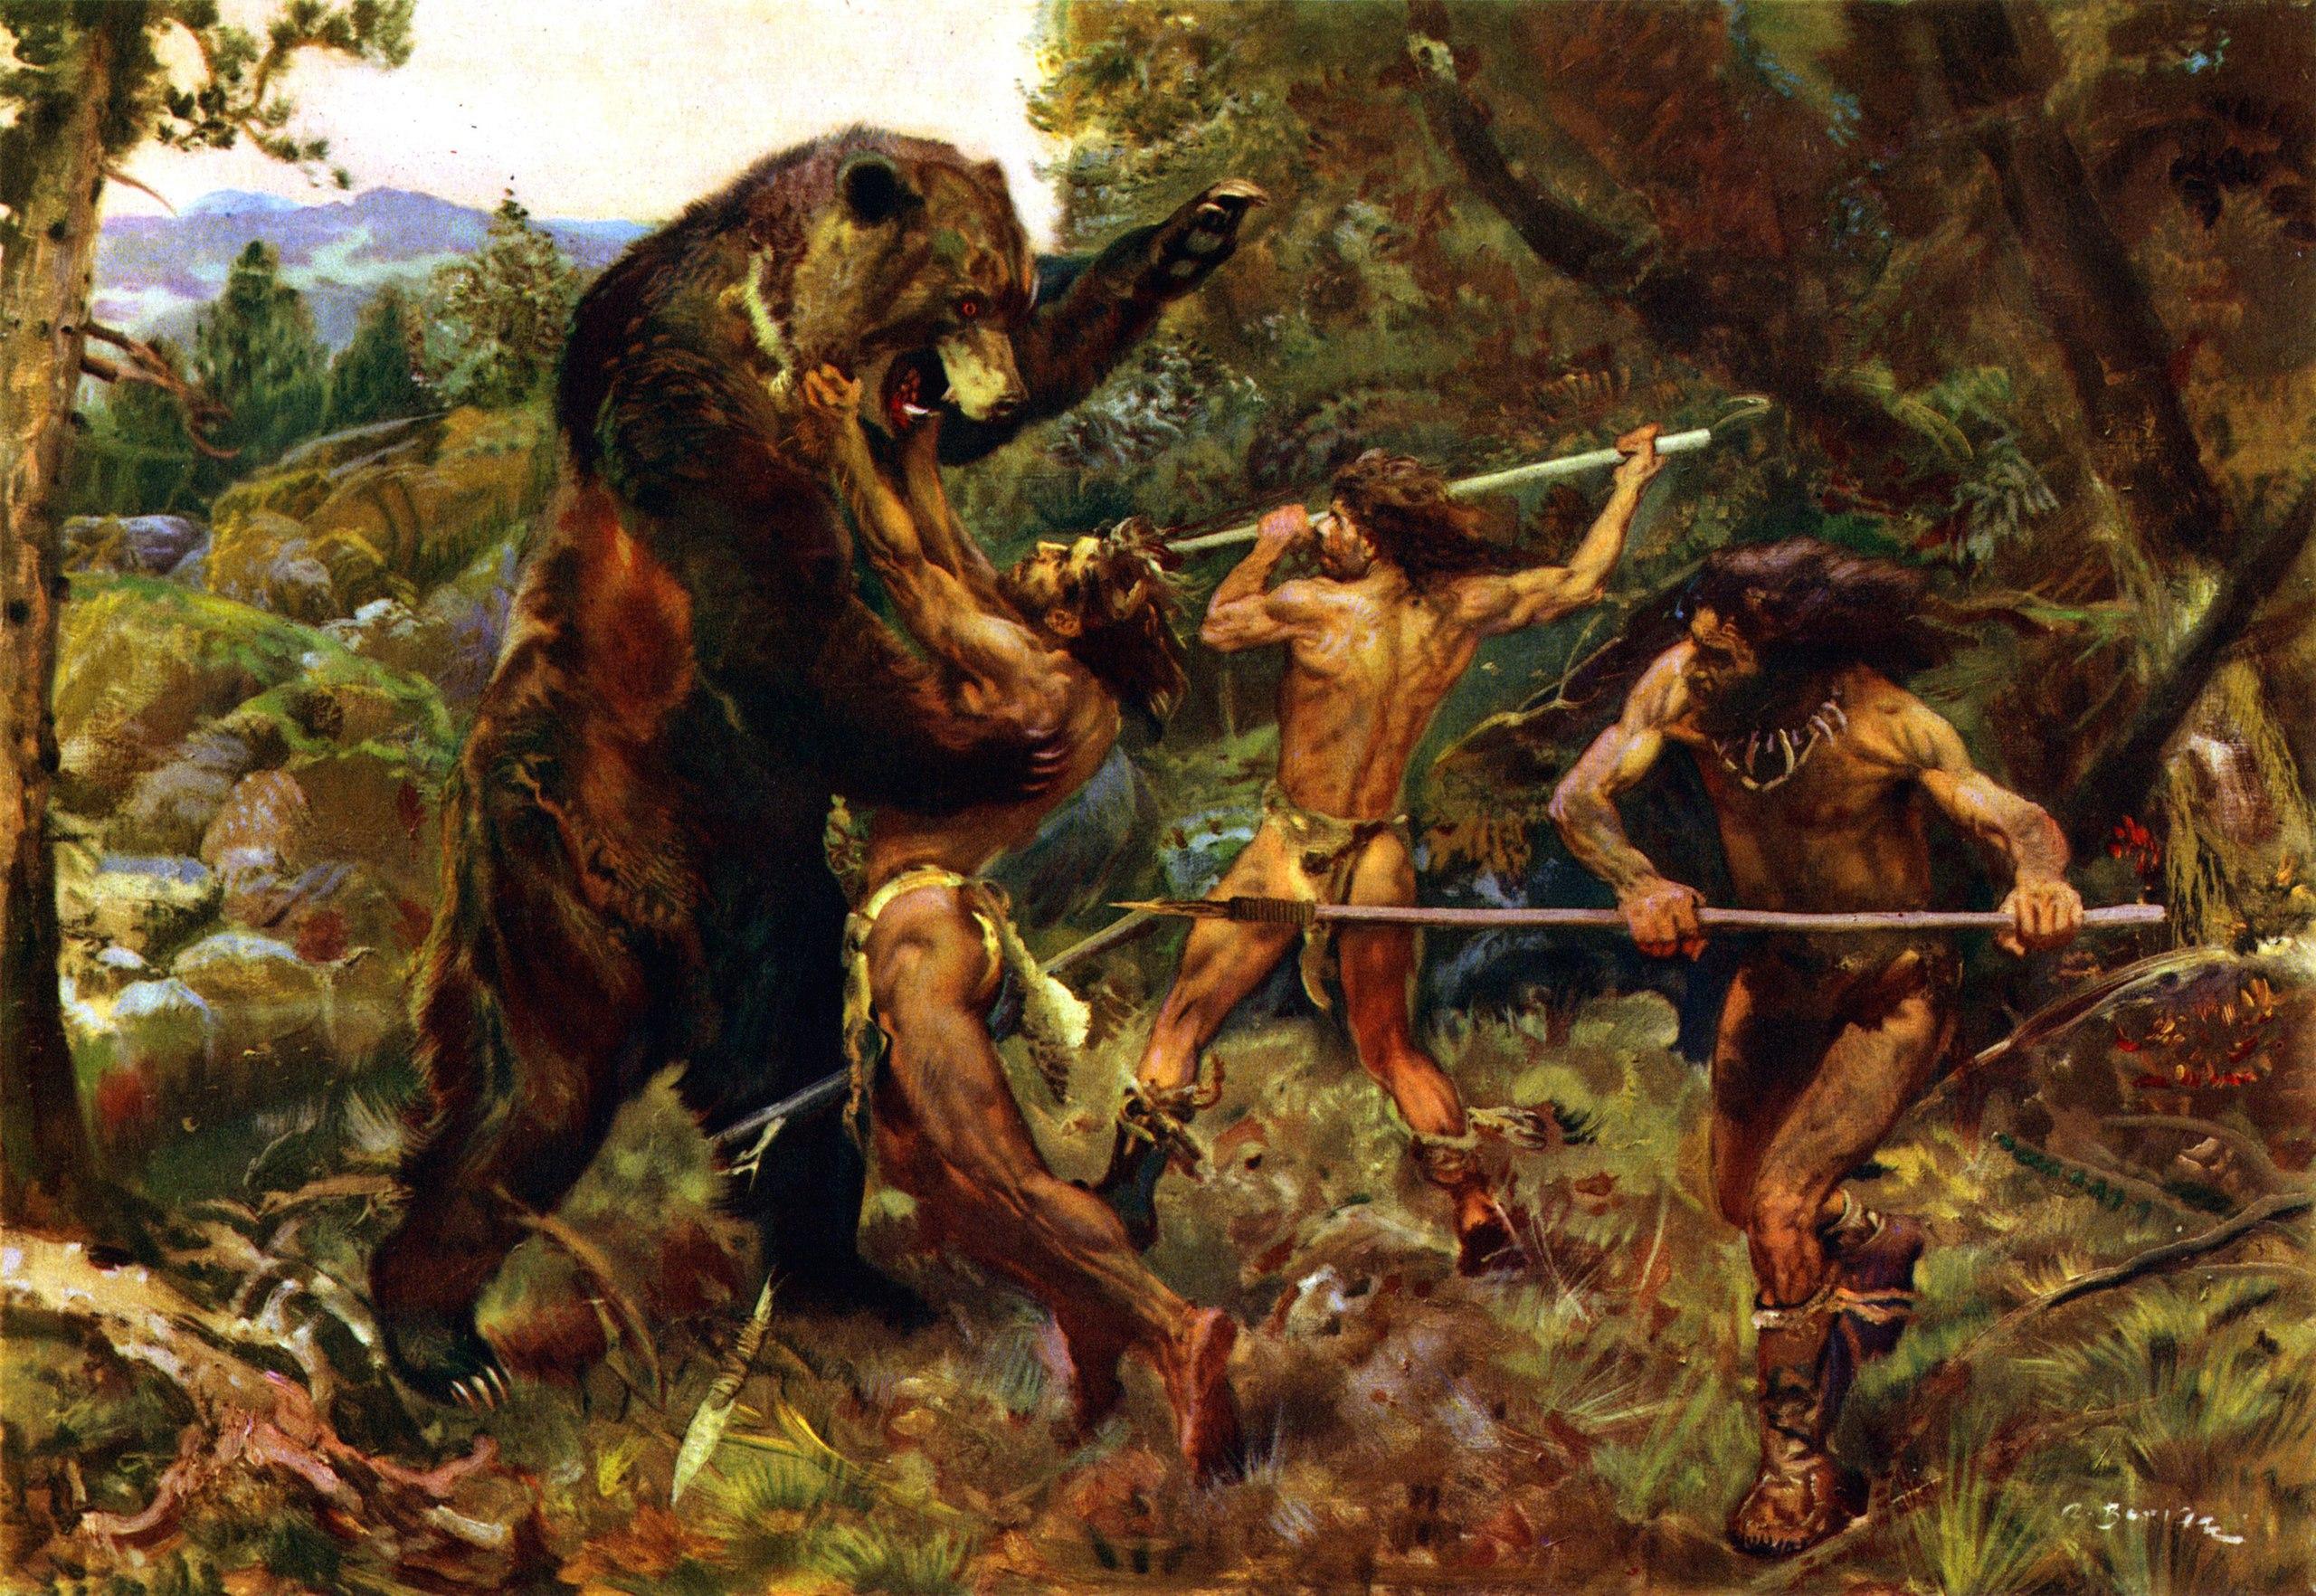 охота древнего человека картинки частности, том